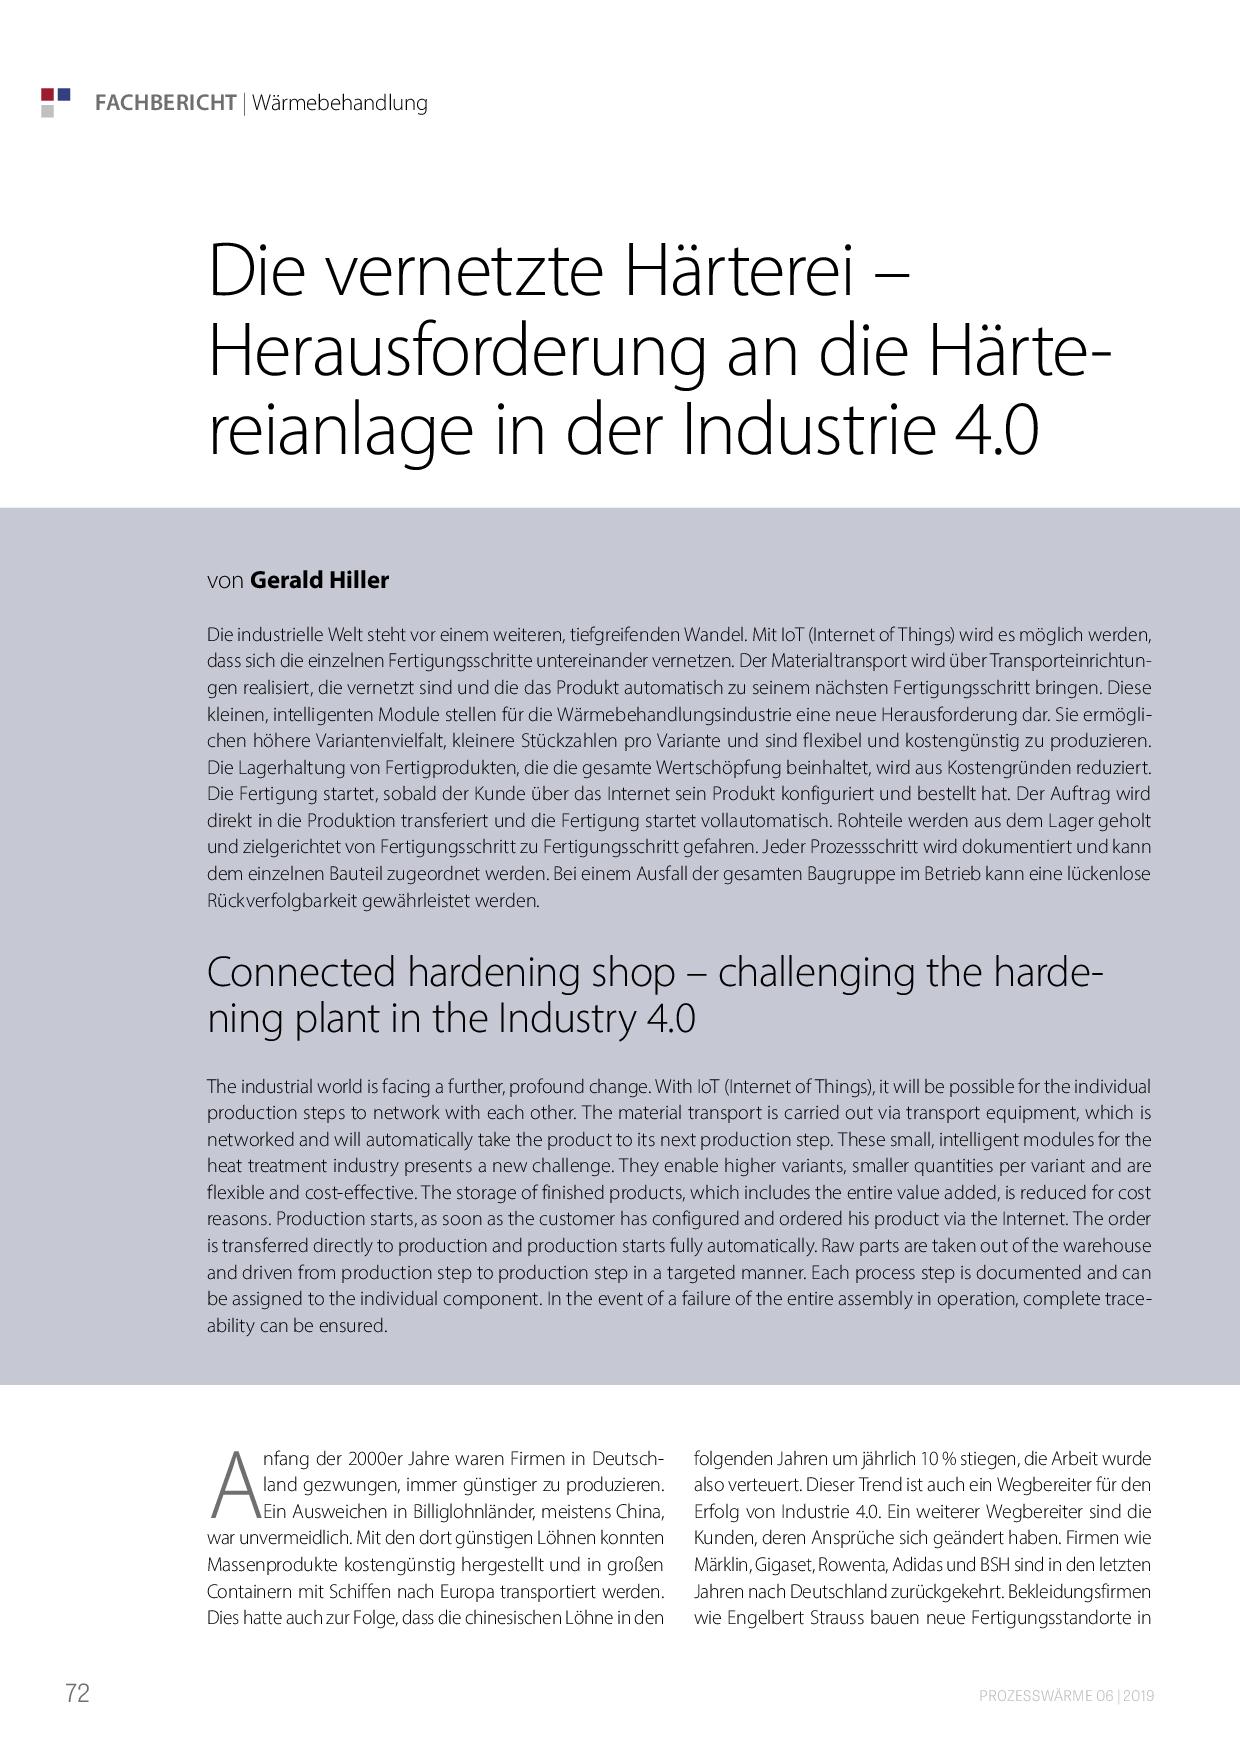 Die vernetzte Härterei – Herausforderung an die Härtereianlage in der Industrie 4.0